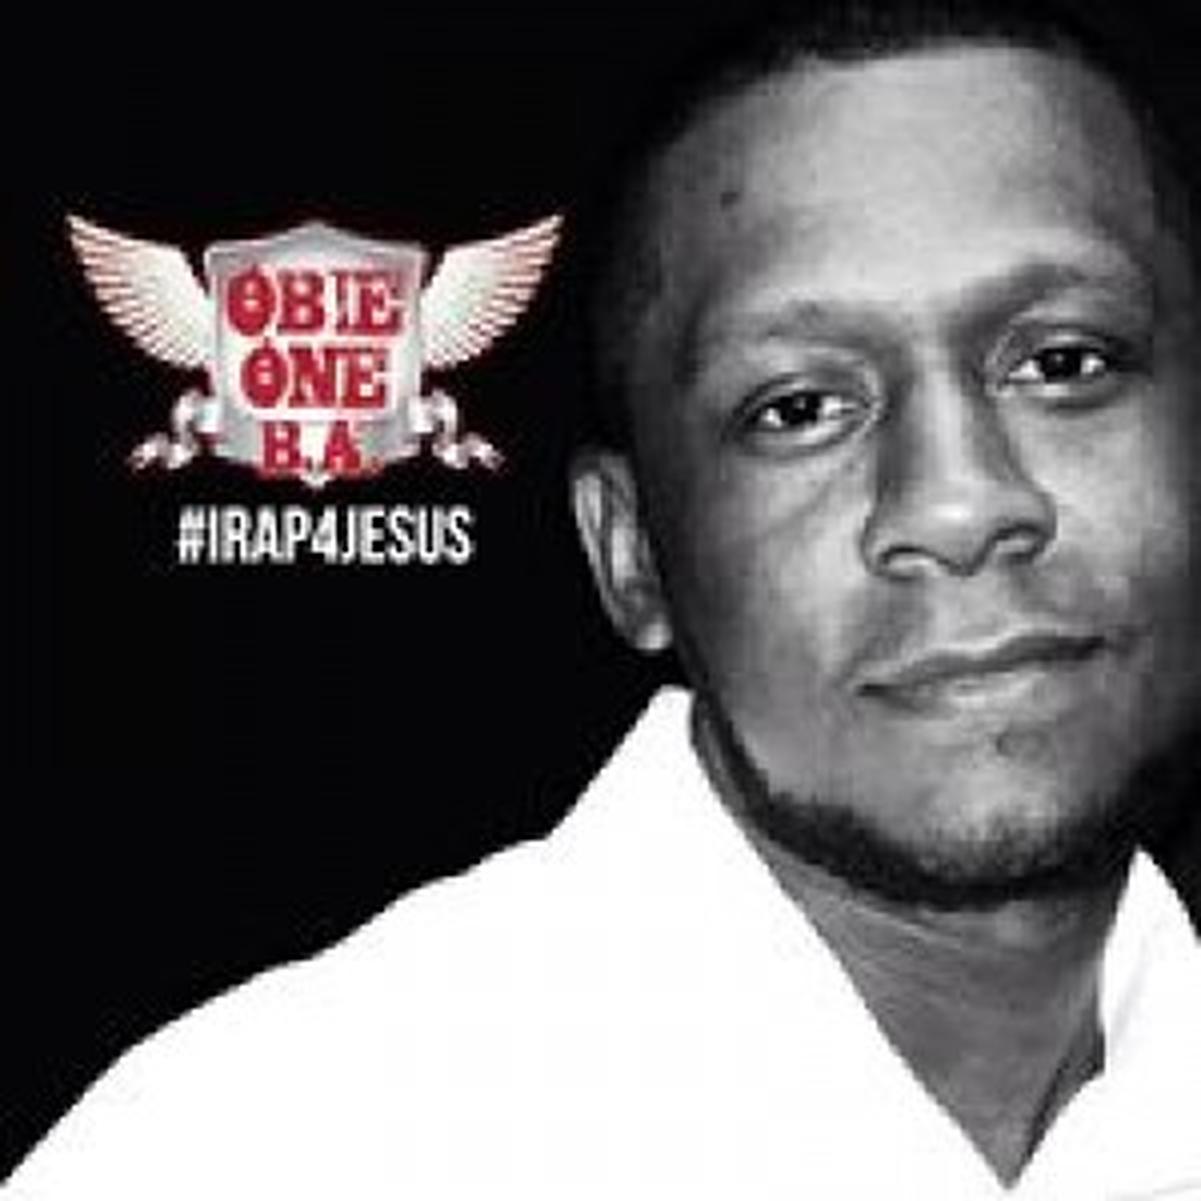 Obie One B.A. wiki, Obie One B.A. review, Obie One B.A. history, Obie One B.A. news